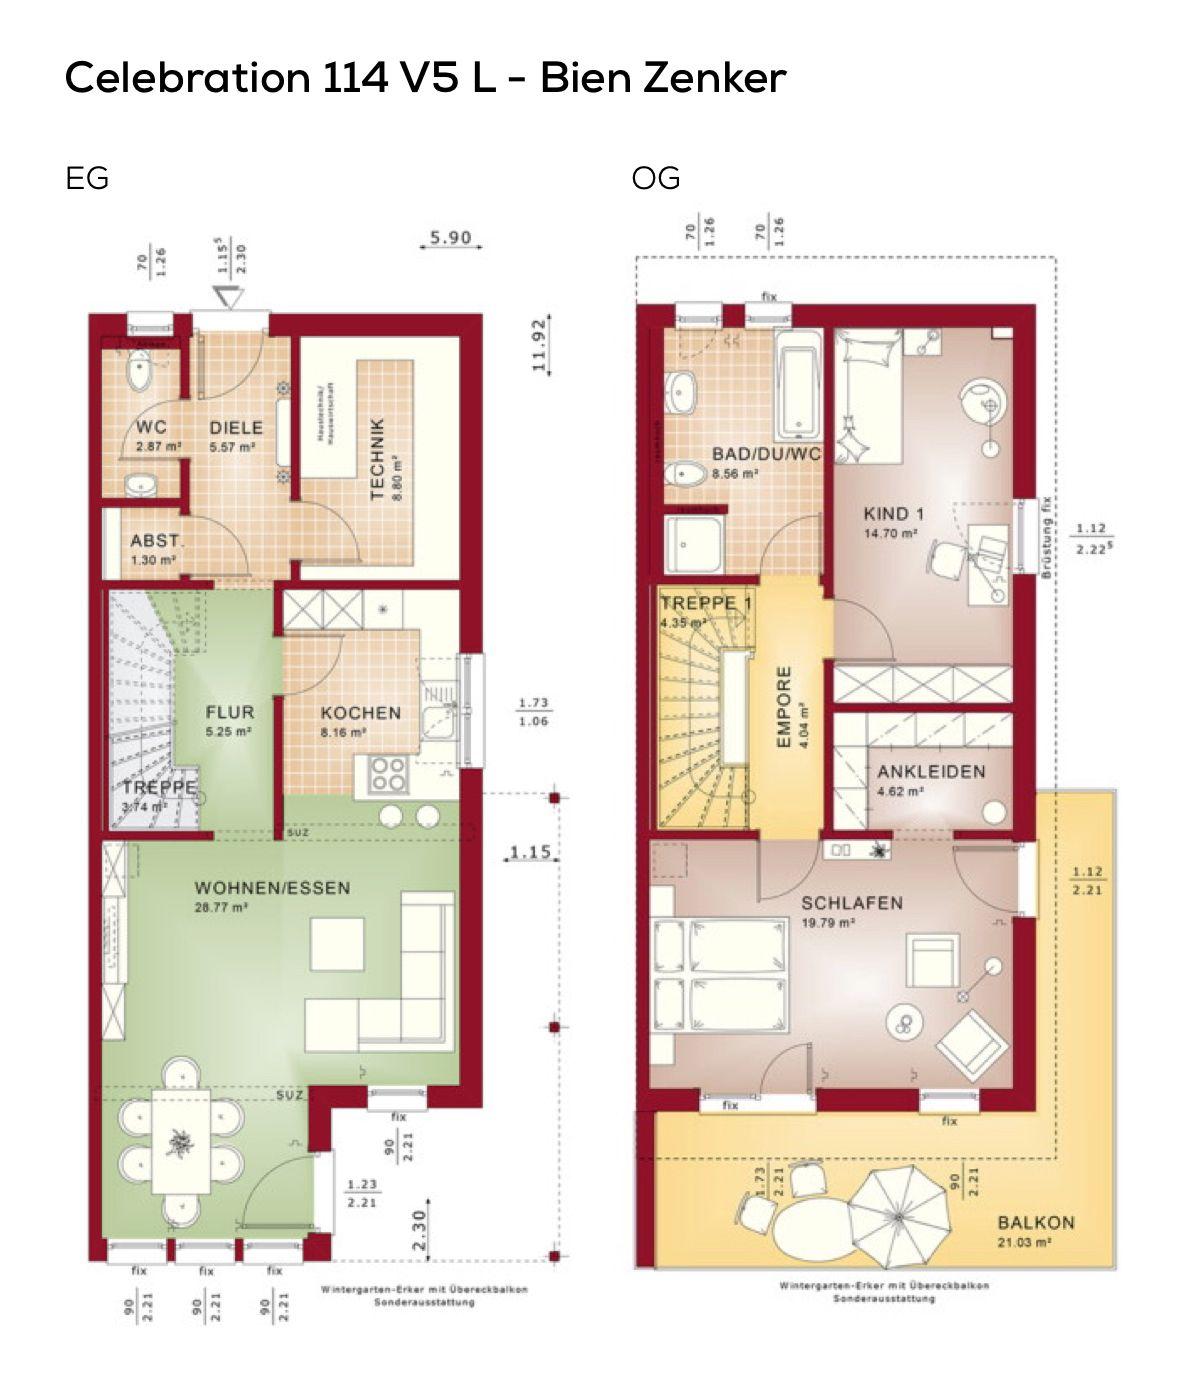 Grundriss Doppelhaus Schmal Mit Pultdach Architektur Loggia 3 Zimmer 113 Qm Wfl Erdgeschoss Modern Kuche Offen Als Wohnkuche Obe Floor Plans Haus House